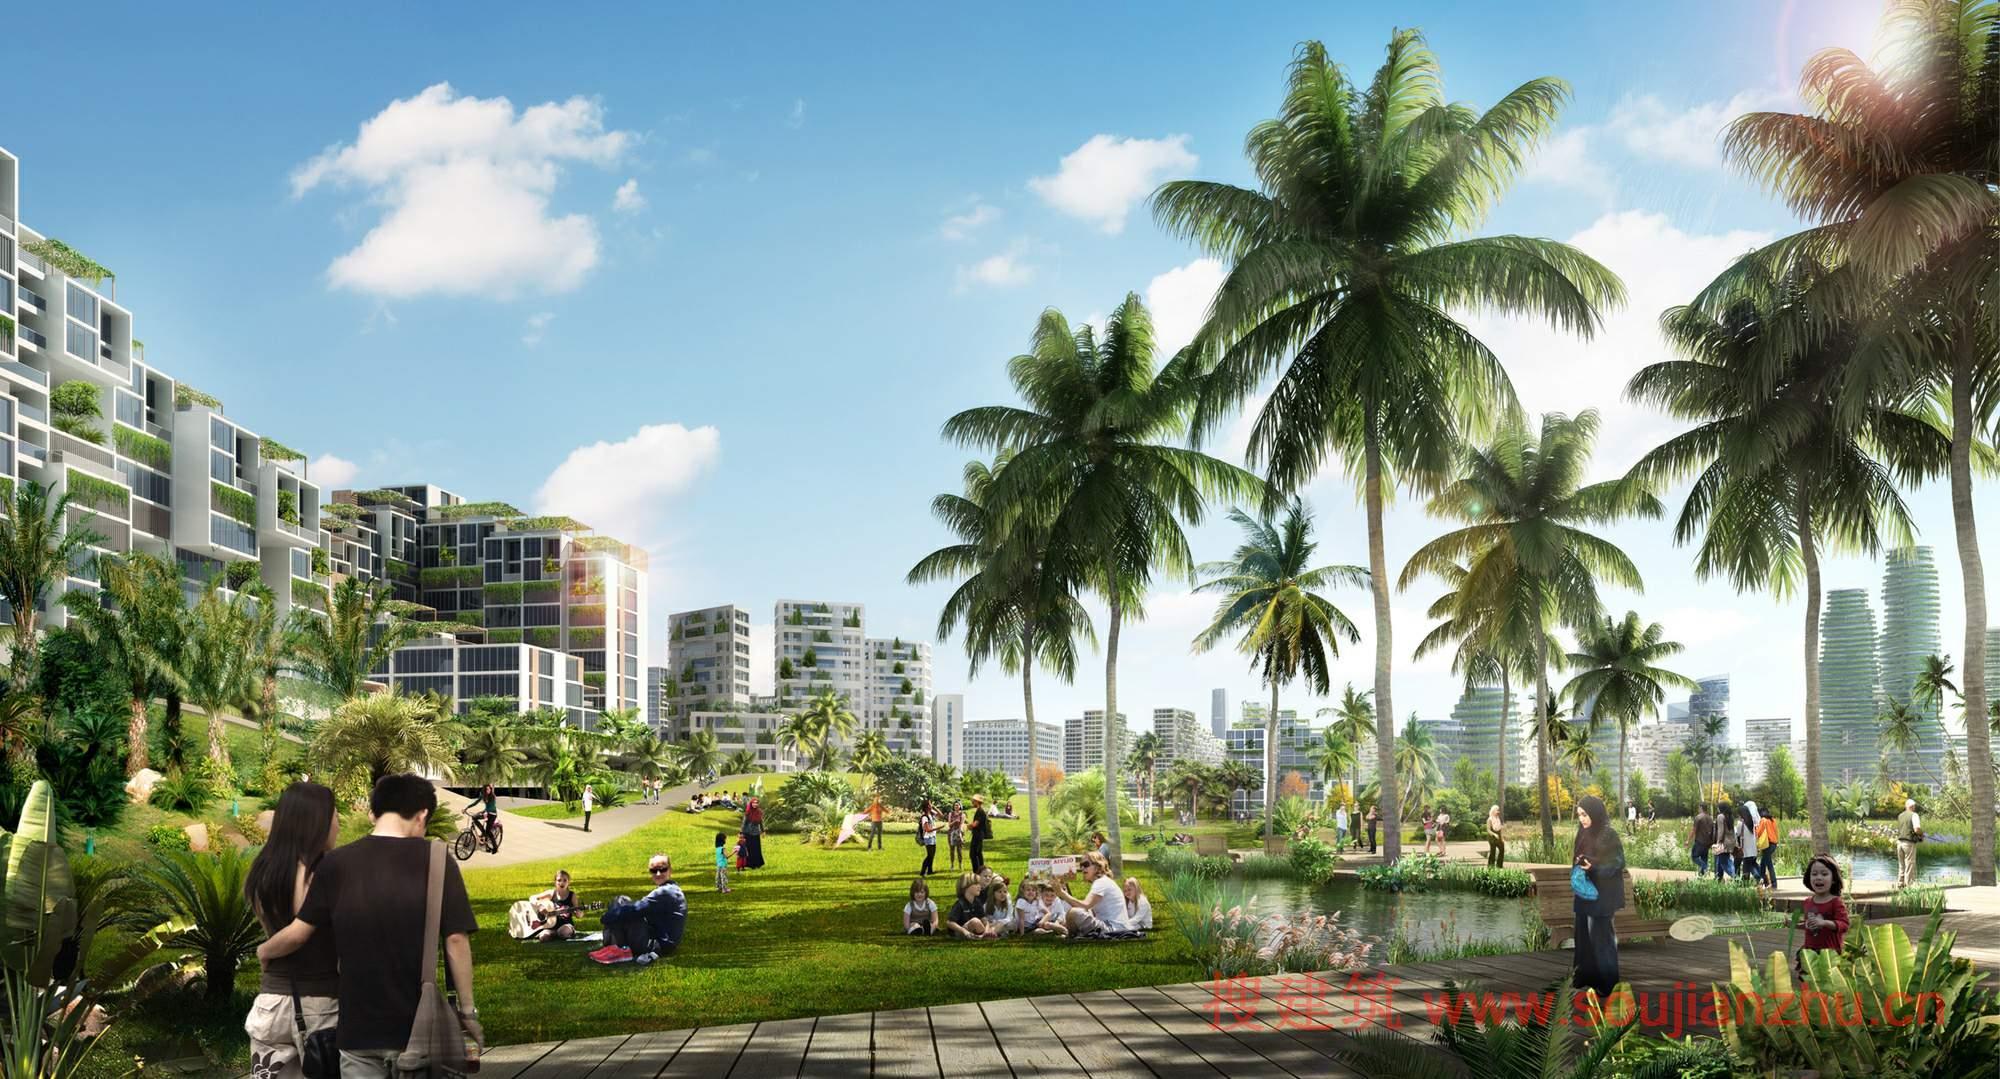 建筑师:Sasaki 地点:马来西亚 年份:2036  该项目位于马来西亚依斯干达特区,横跨4个人工岛屿,森林城市将成为东南亚最大的、混合使用的绿色开发区。该项目是由美国Sasaki Associates设计的,总体规划预计投资583亿美元,预计将为该地区带来约220000个工作岗位。在东南亚的经济中心附近,所以新的森林城市是成为商业和文化枢纽的理想的位置。该项目旨在鼓励生活/工作文化,包括金融机构,高科技研究和发展设施,总部办公室,以及各种用于建设该地区的创新和可持续创意产业。   发展战略是一个混